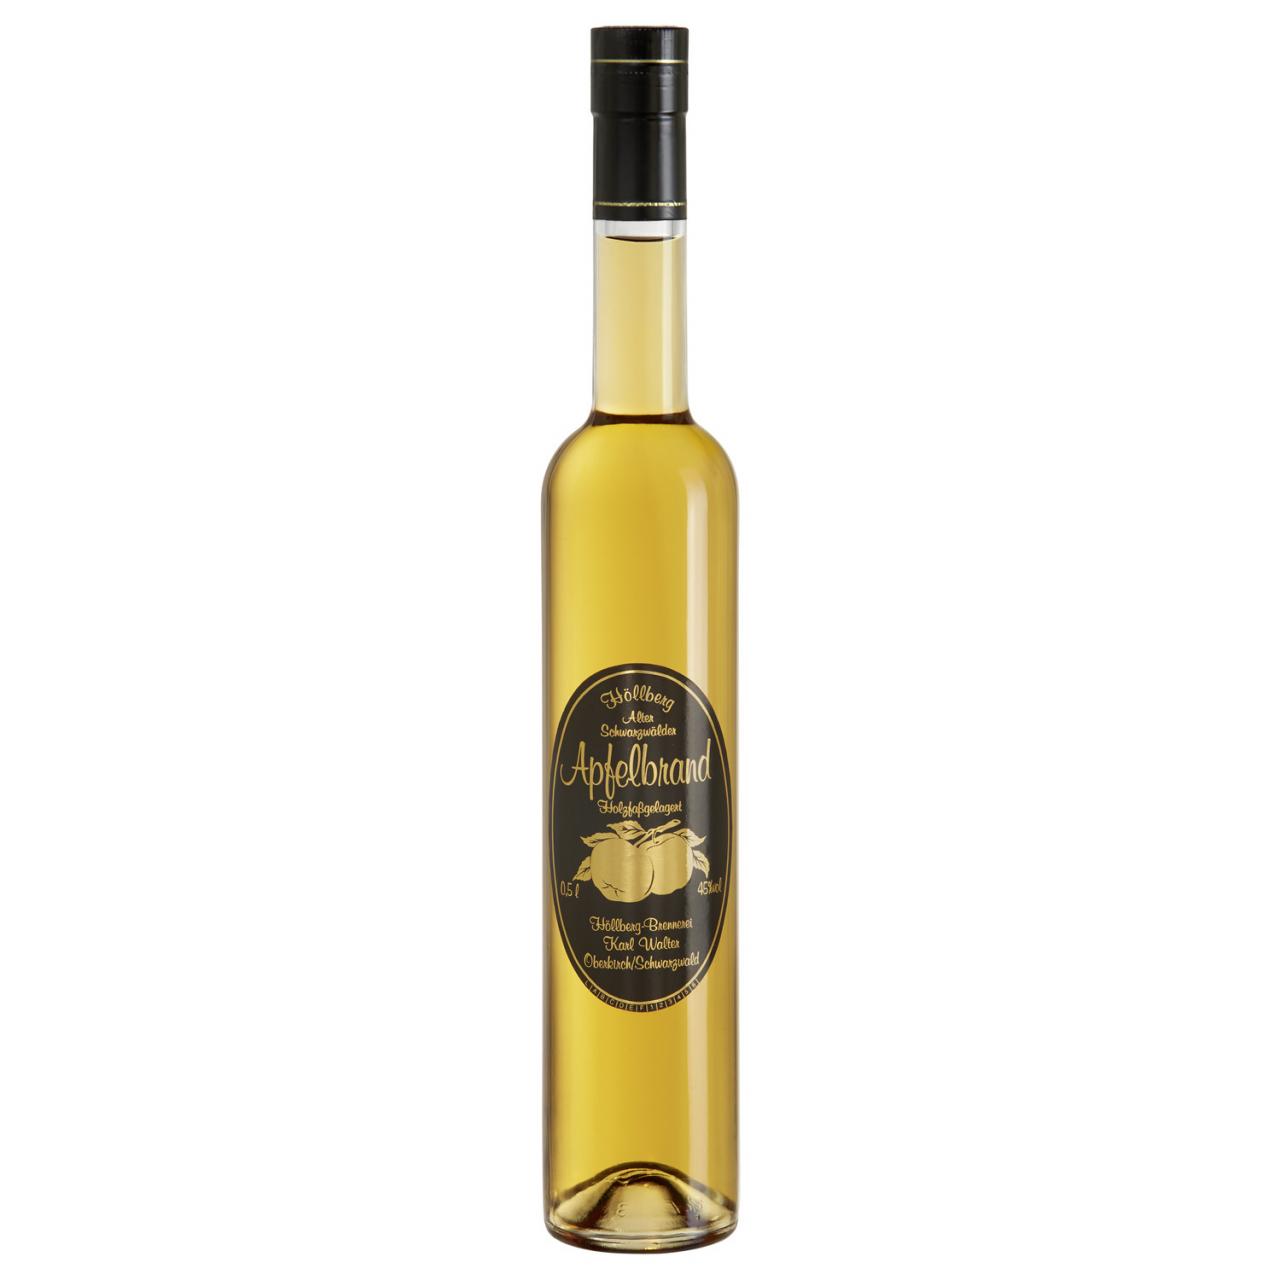 0,5 Liter Flasche Höllberg Apfelbrand mit einem Alkholgehalt von 45% vol.